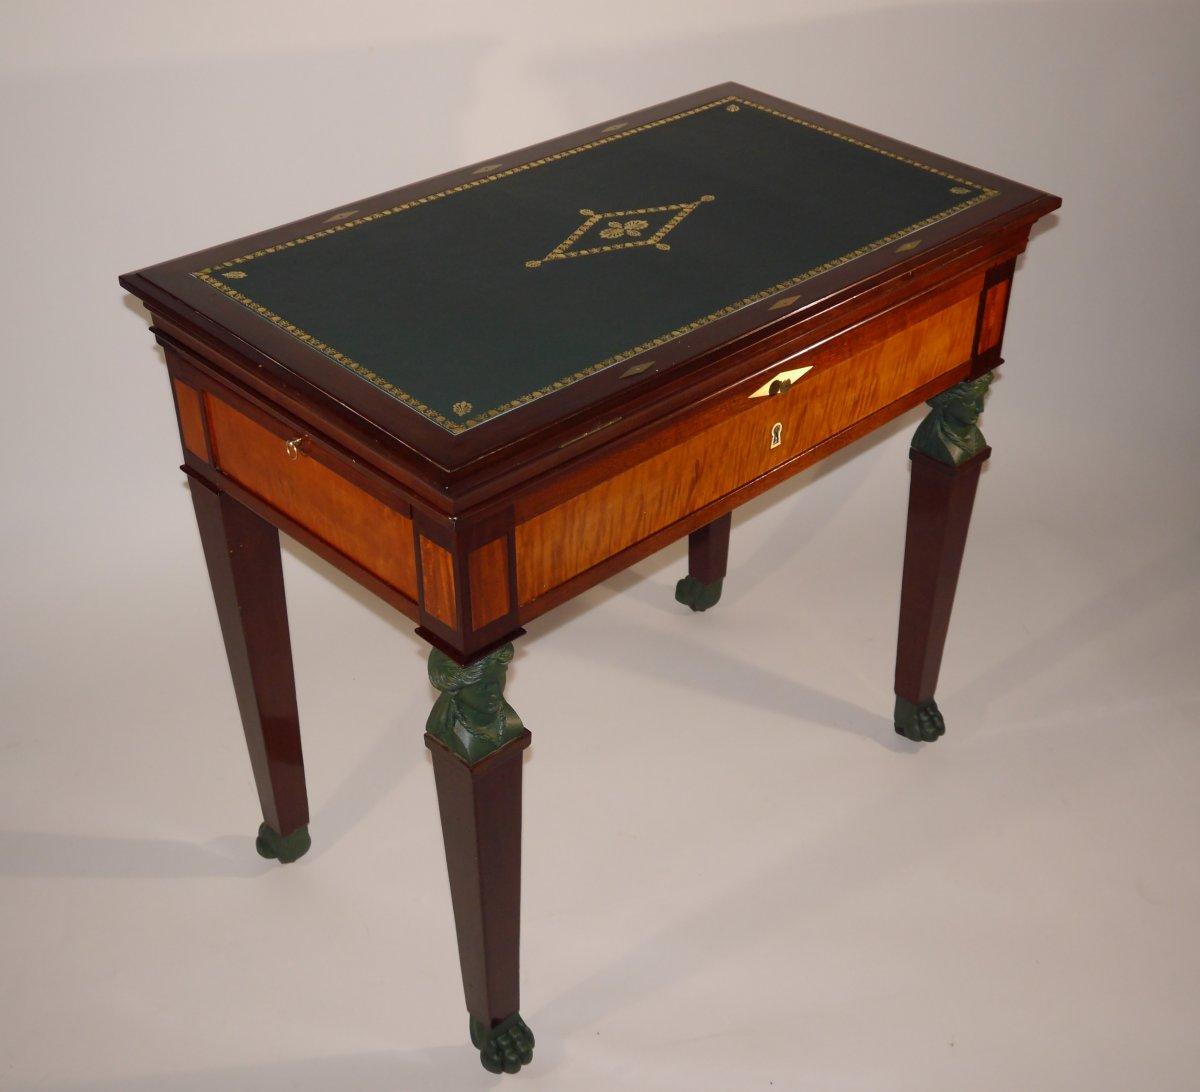 ... By Jacob   Furniture Style Empire Architect Table U0026quot;à La  Tronchinu0026quot; ...